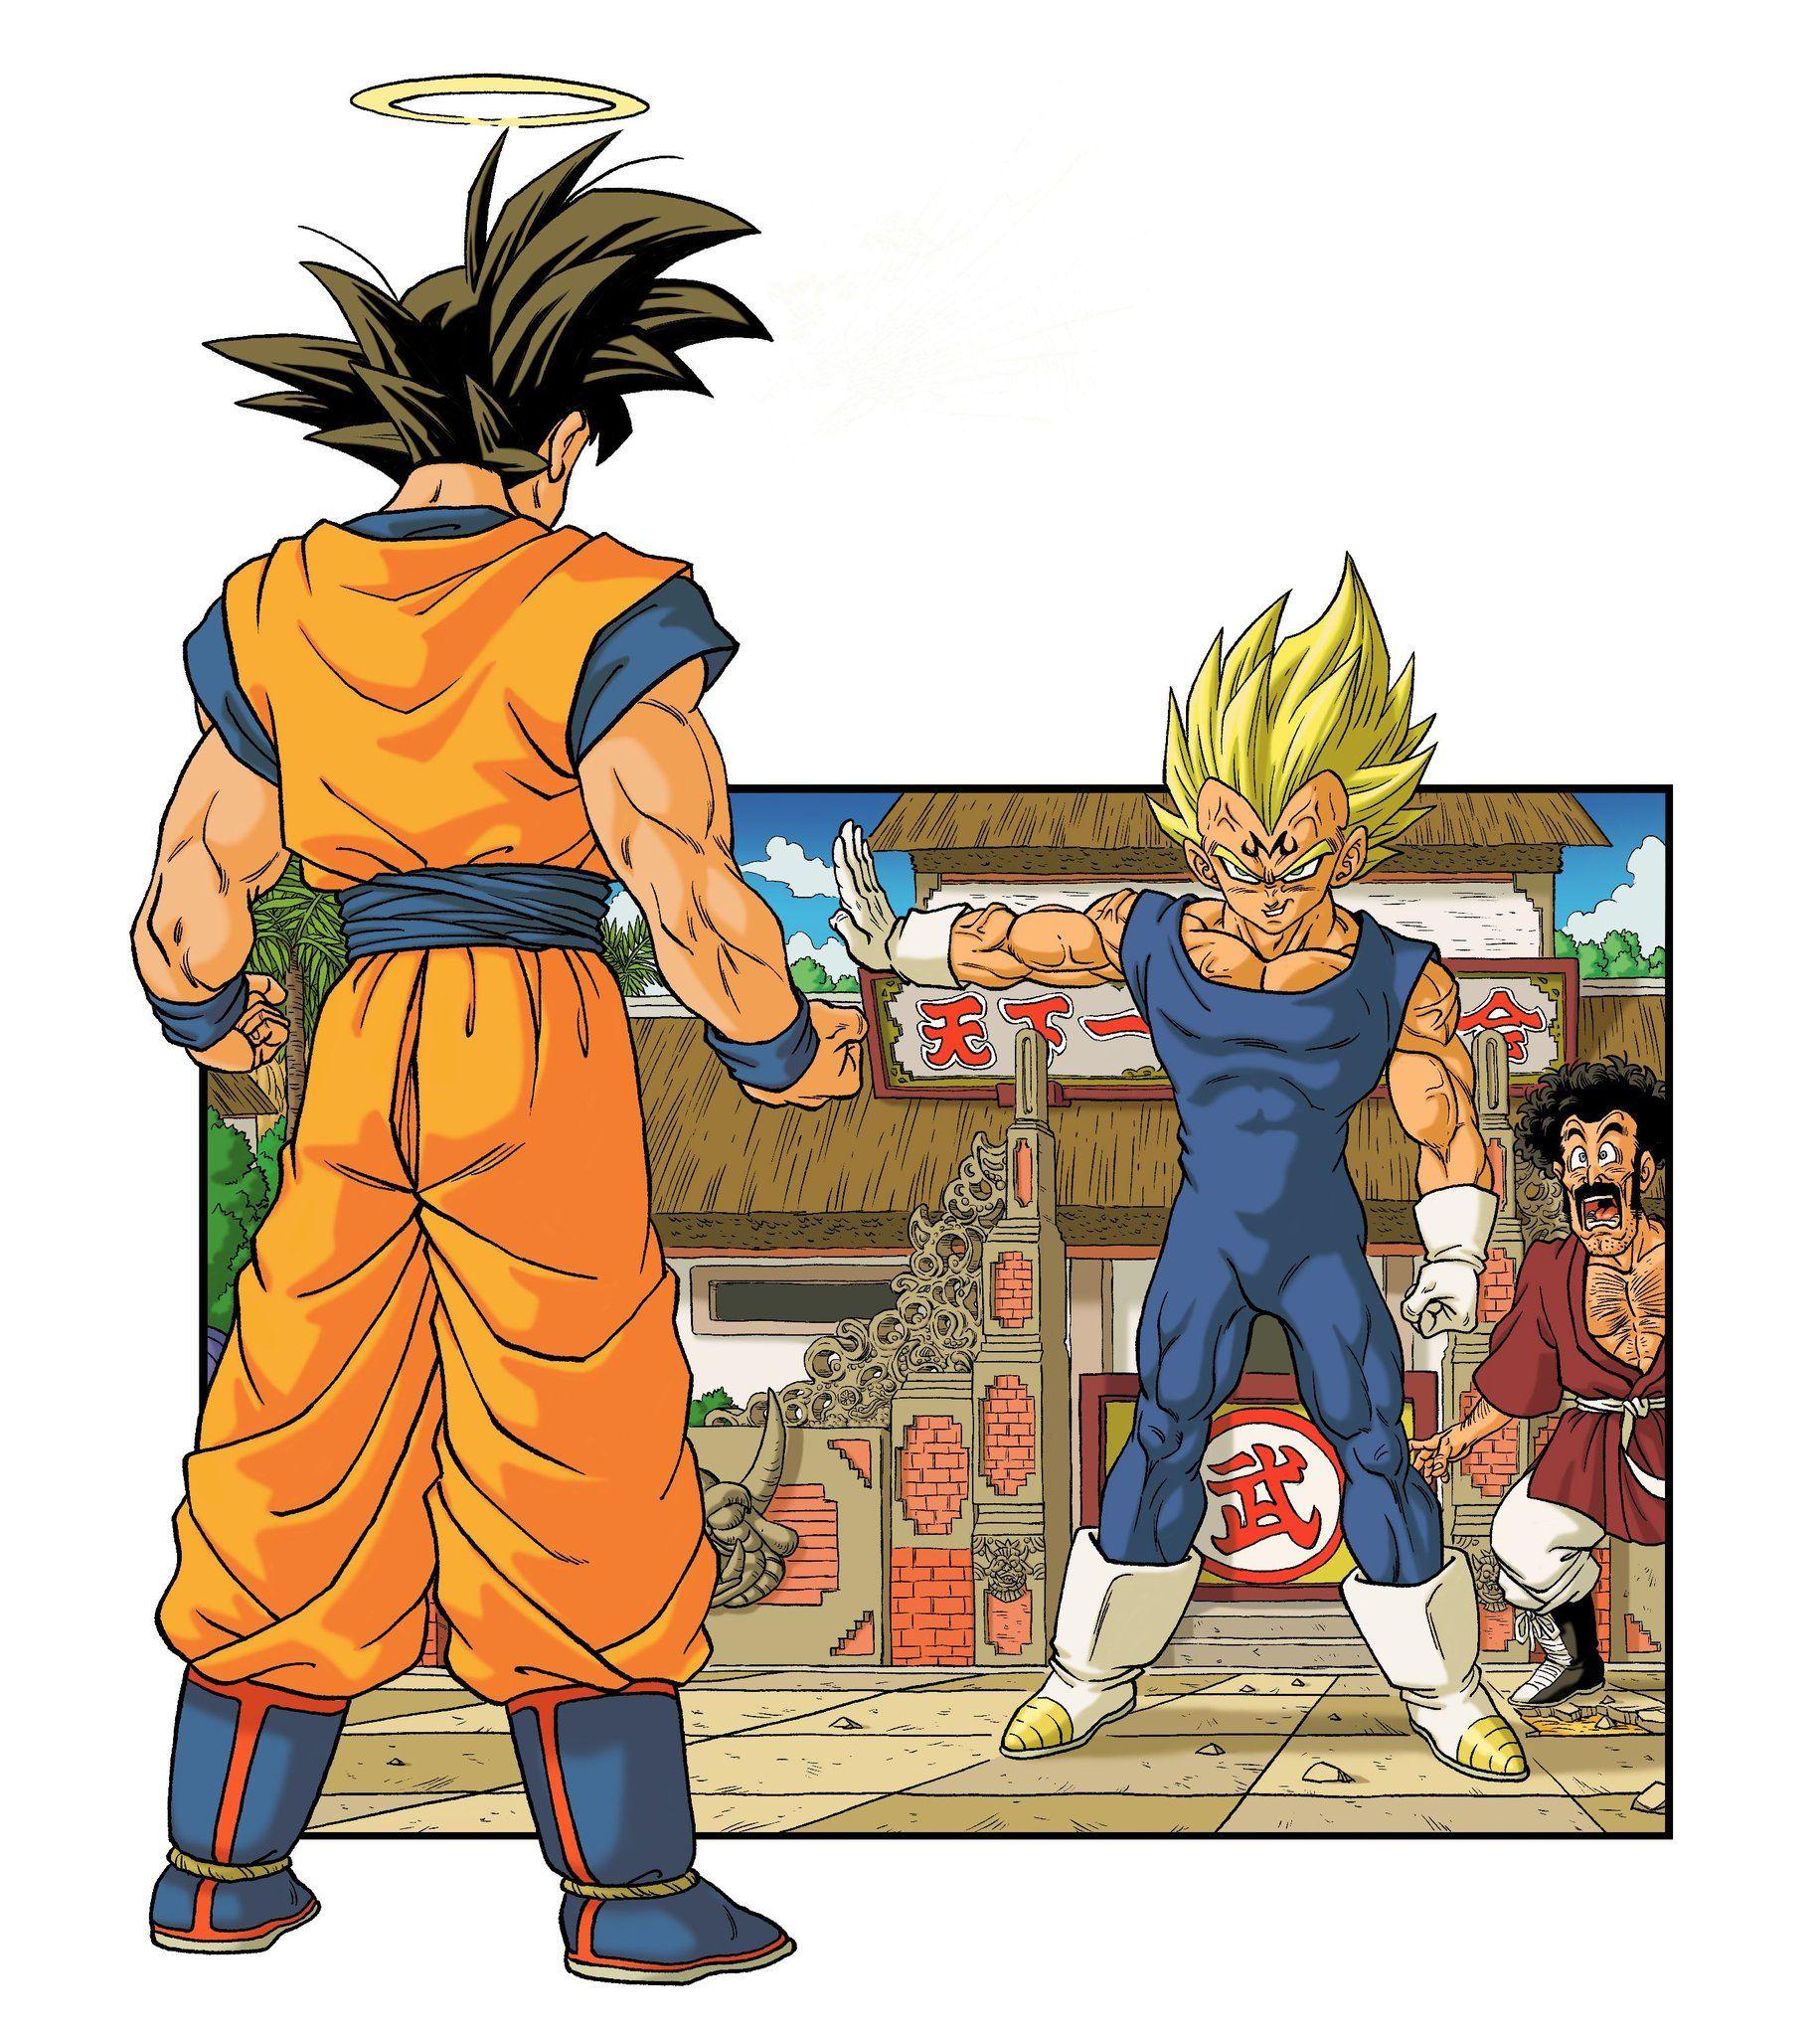 Wangsen578 On Twitter In 2021 Anime Dragon Ball Super Dragon Ball Goku Dragon Ball Super Goku